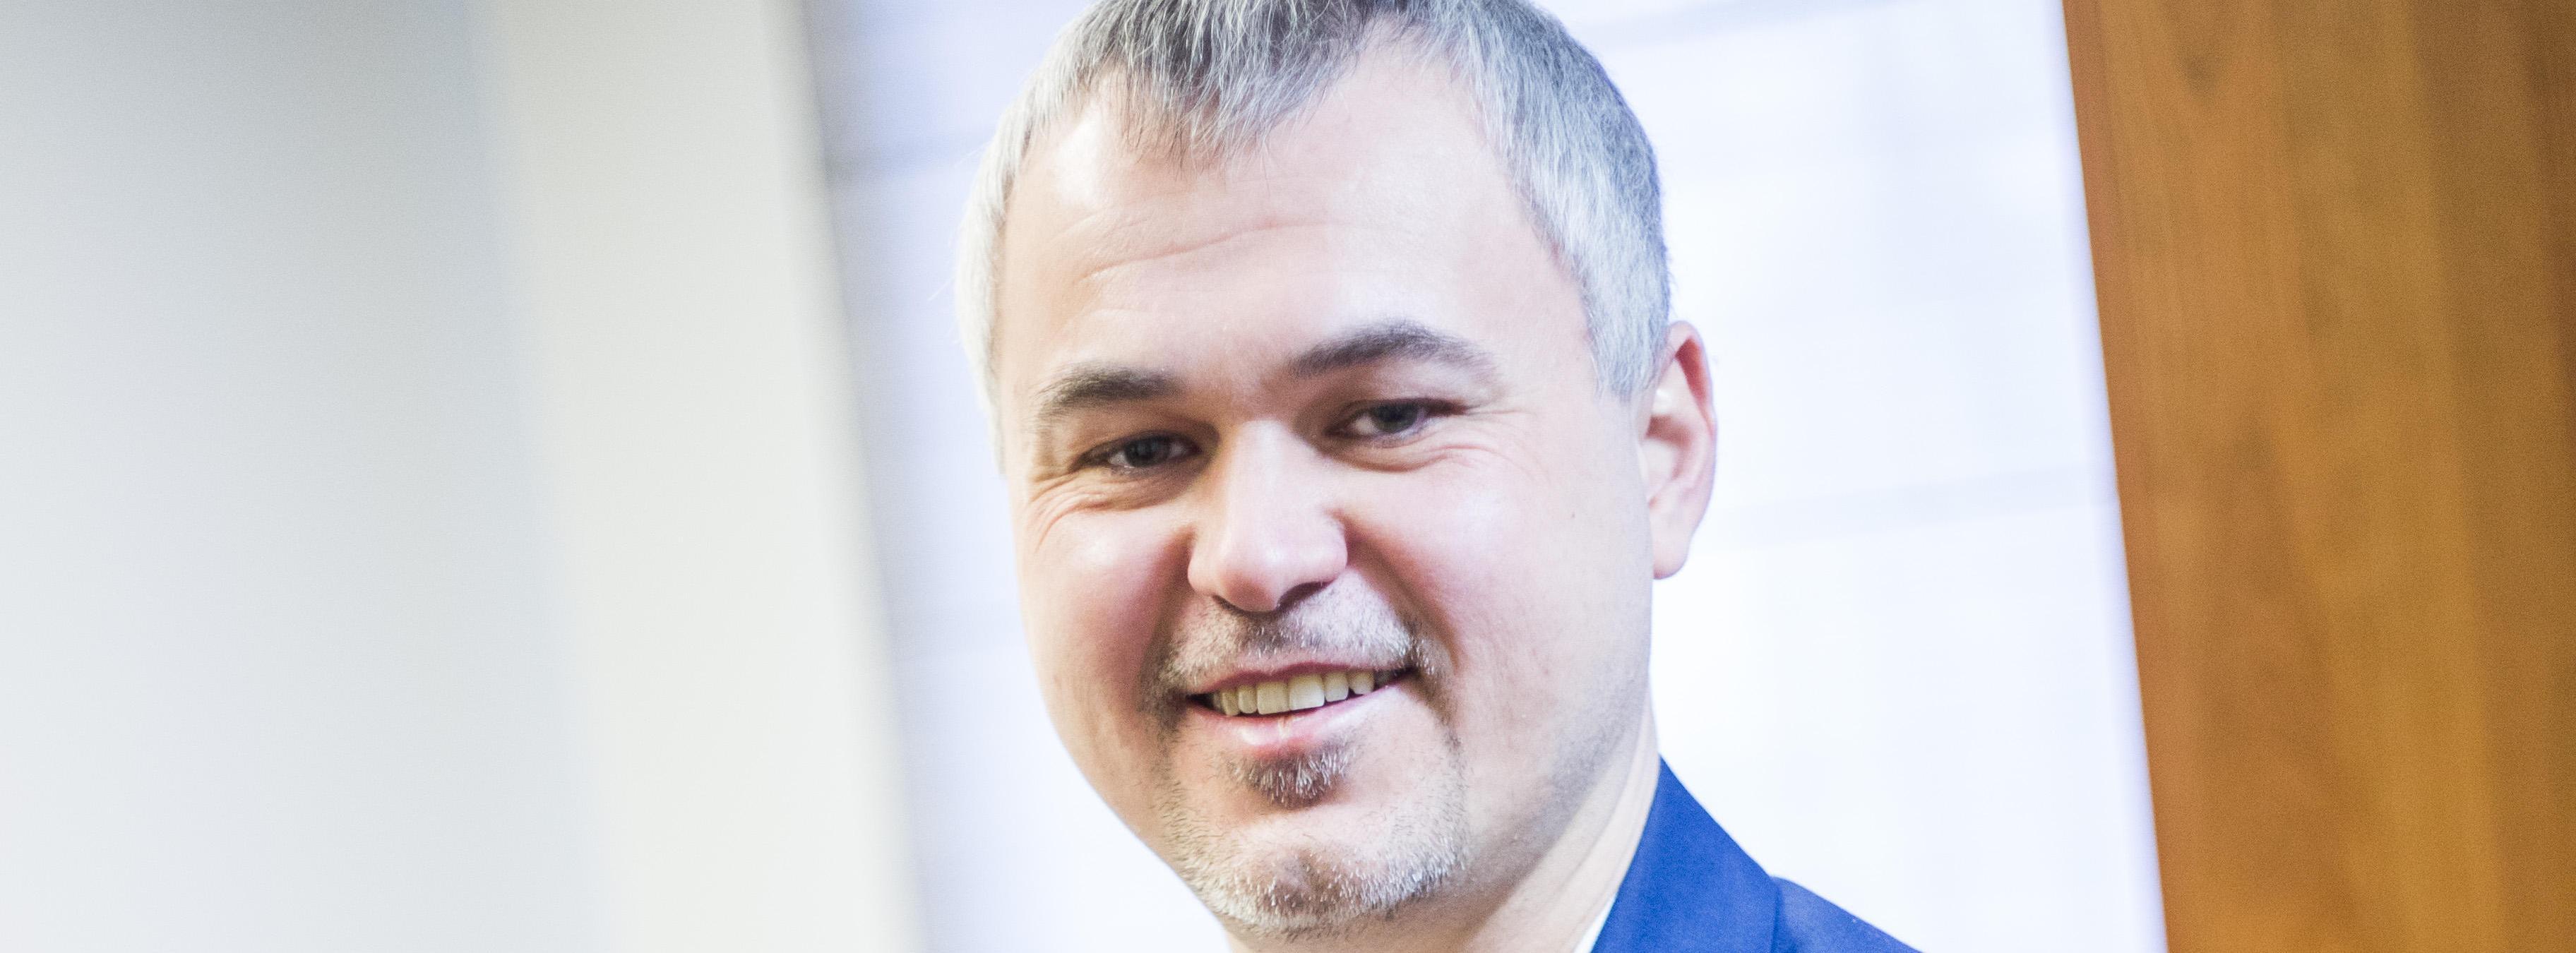 Ярослав Гуменюк